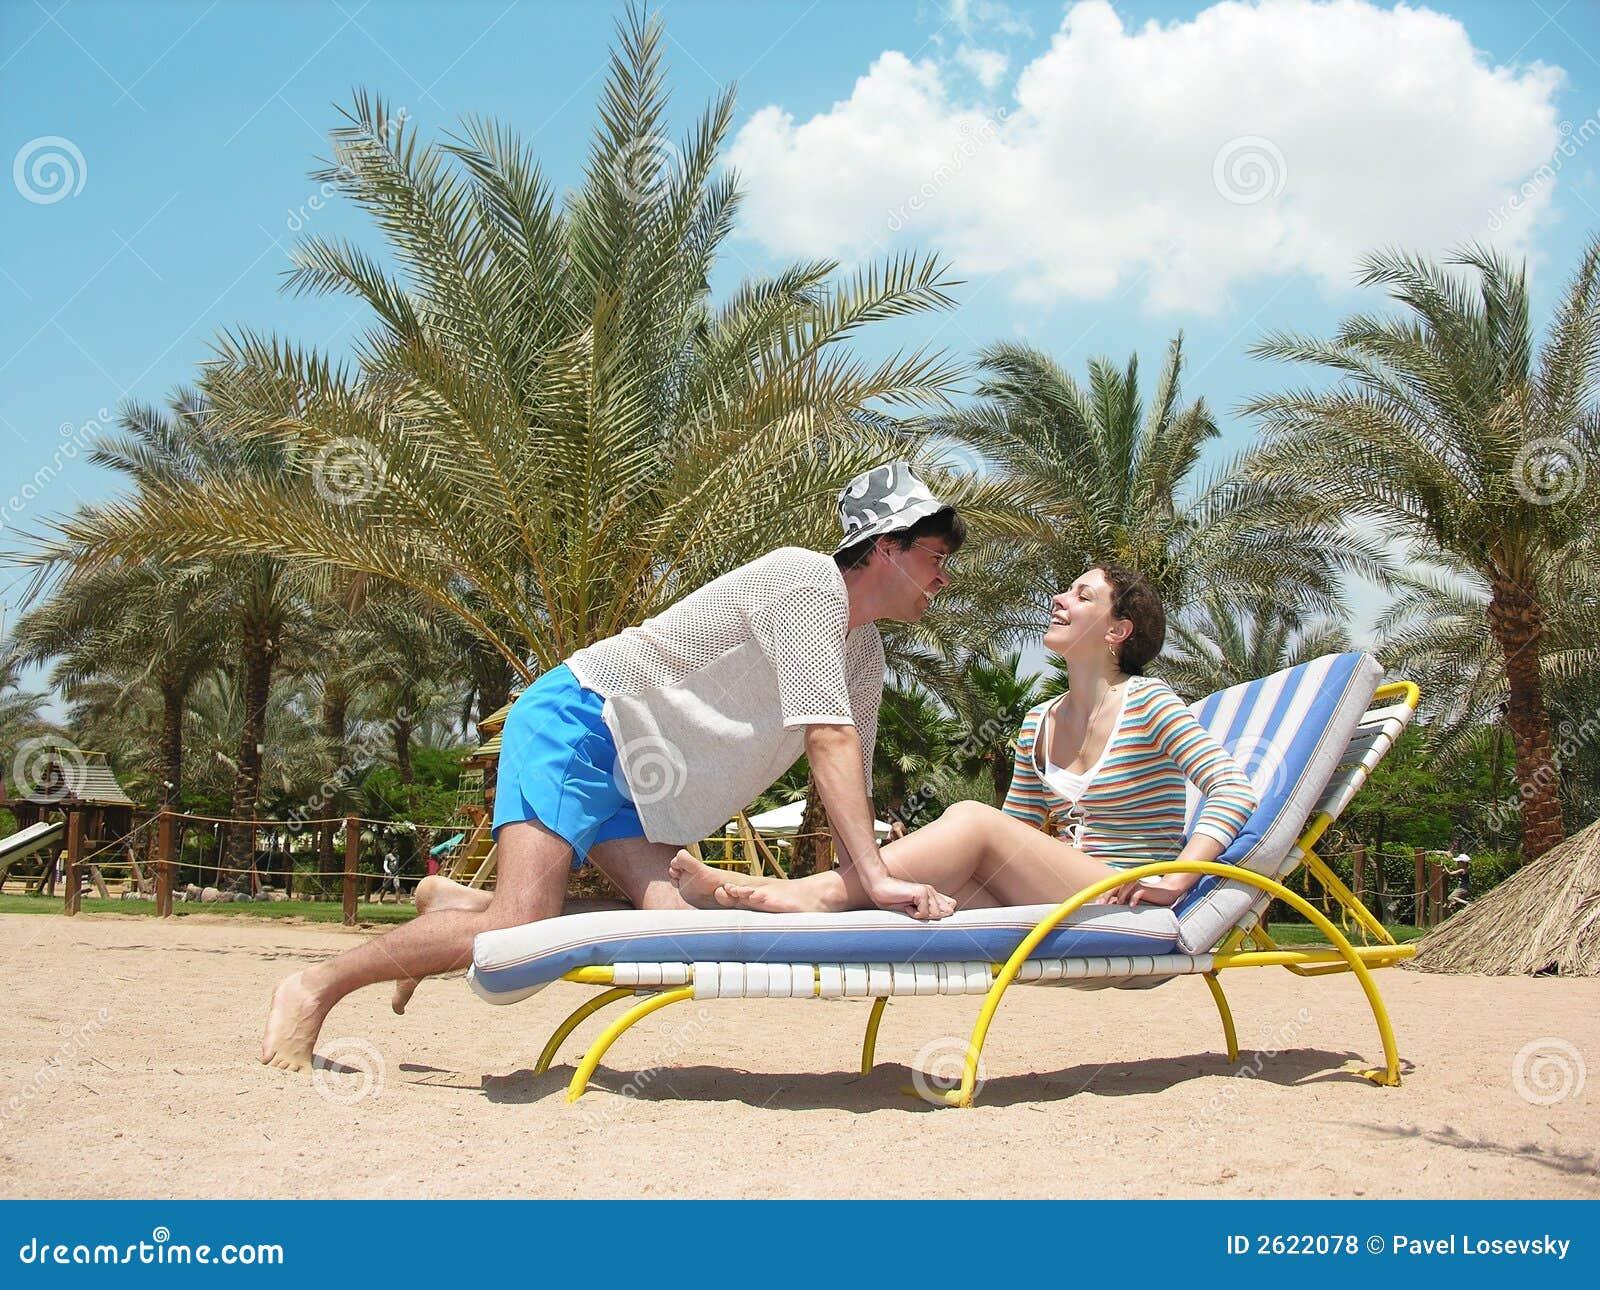 Съемки на пляжах 20 фотография